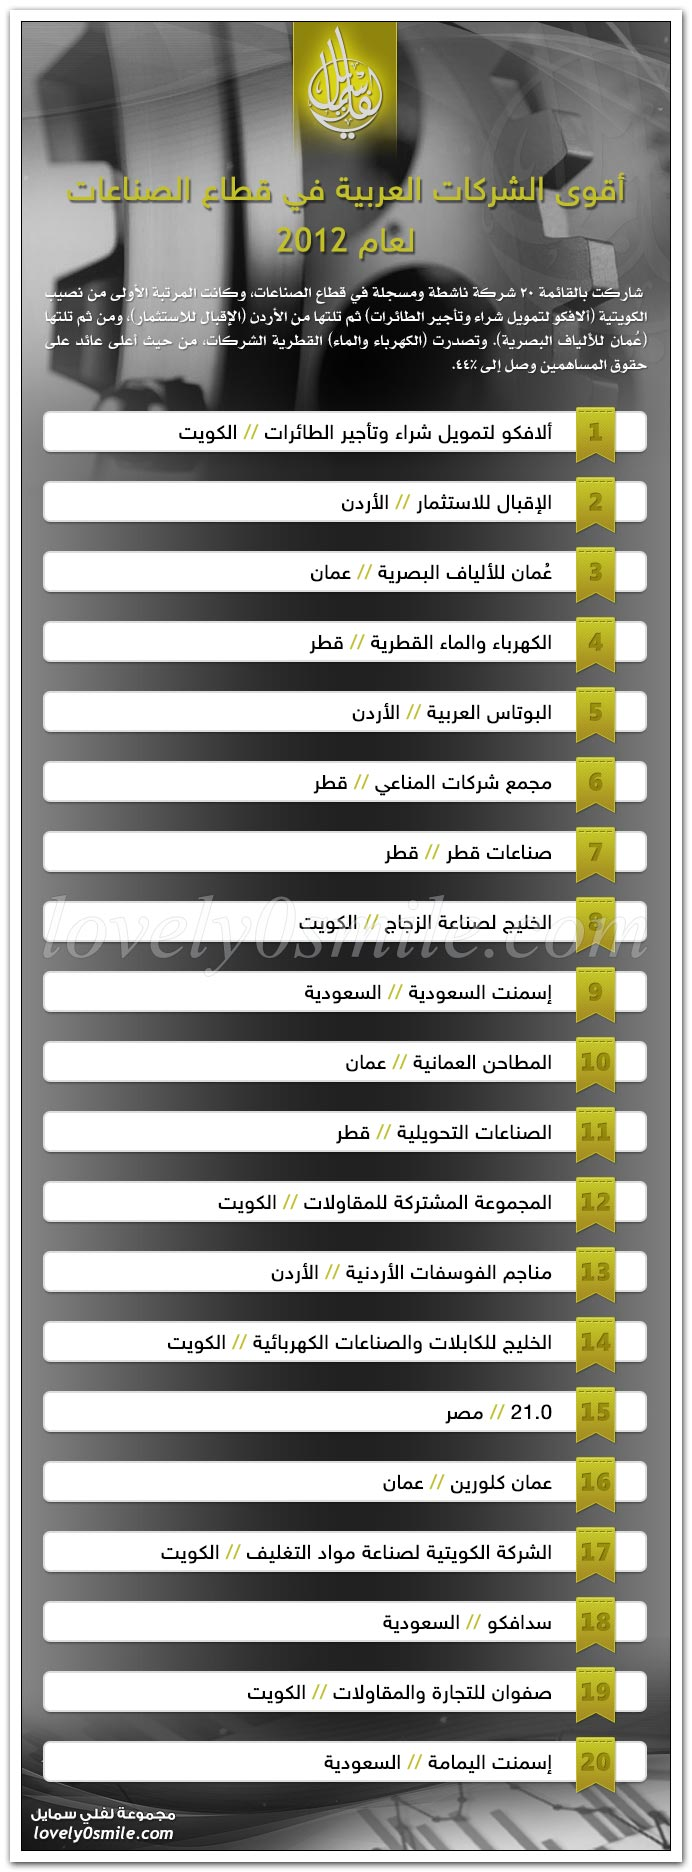 أقوى الشركات العربية في قطاع الصناعات لعام 2012